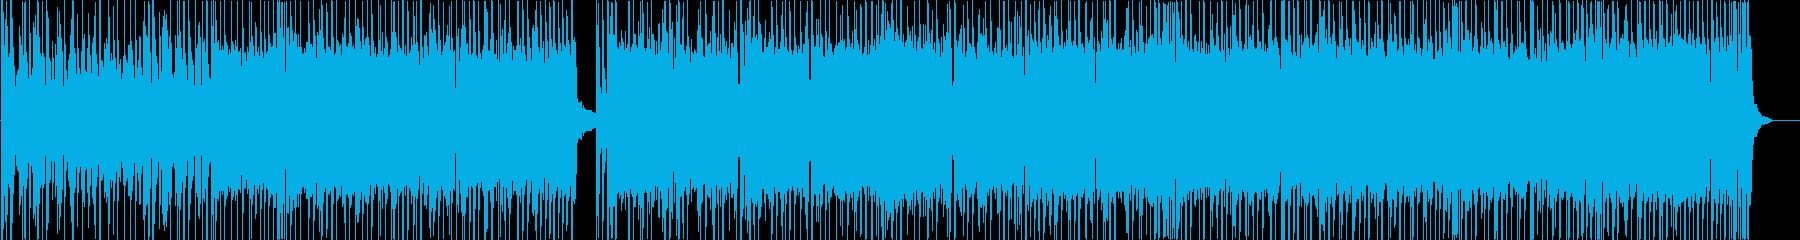 ドラムとシンセの疾走感ある曲の再生済みの波形